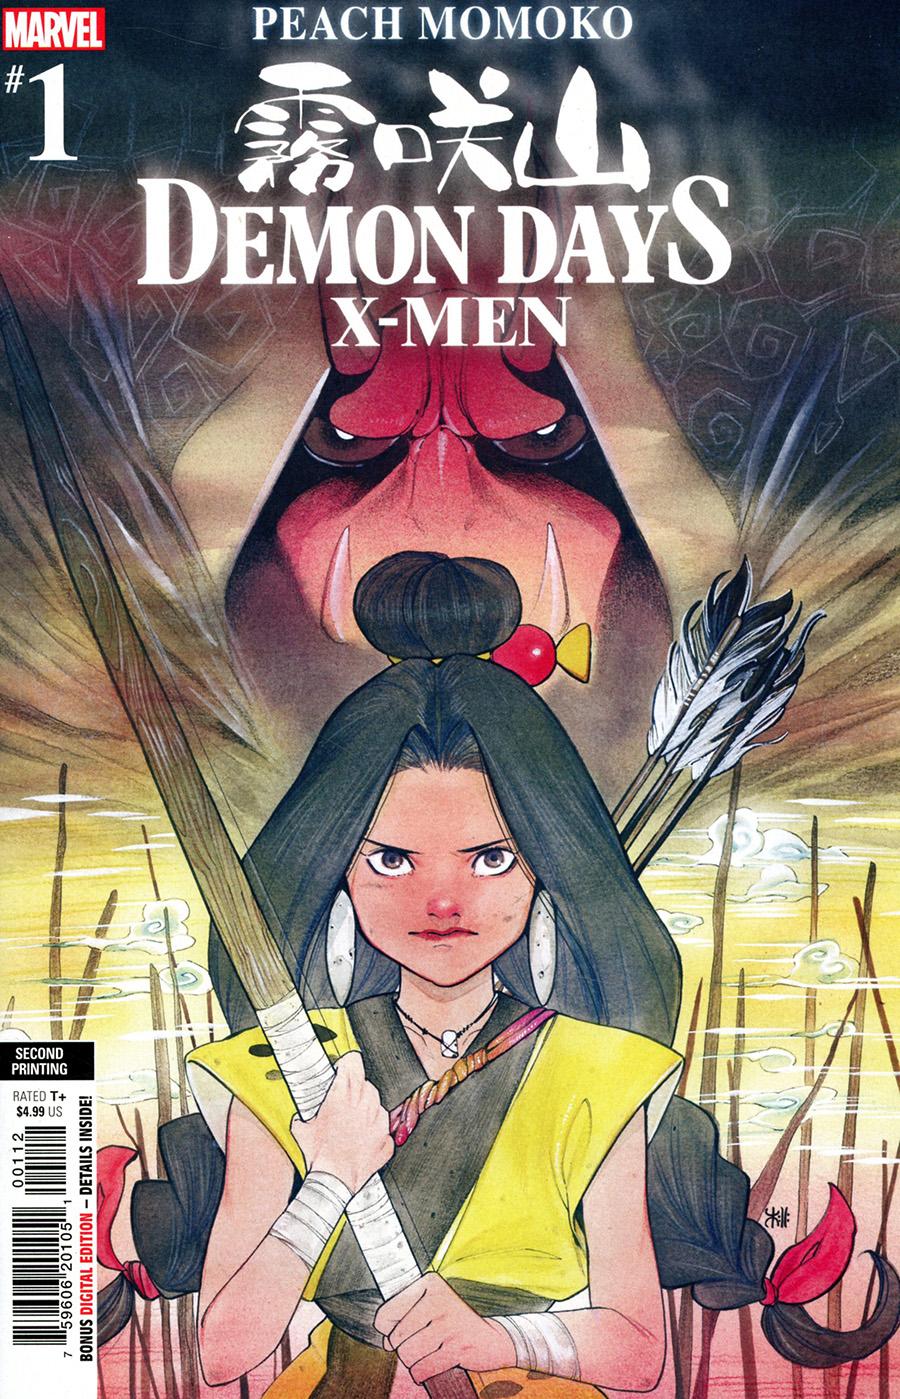 Demon Days X-Men #1 (One Shot) Cover J 2nd Ptg Peach Momoko Variant Cover